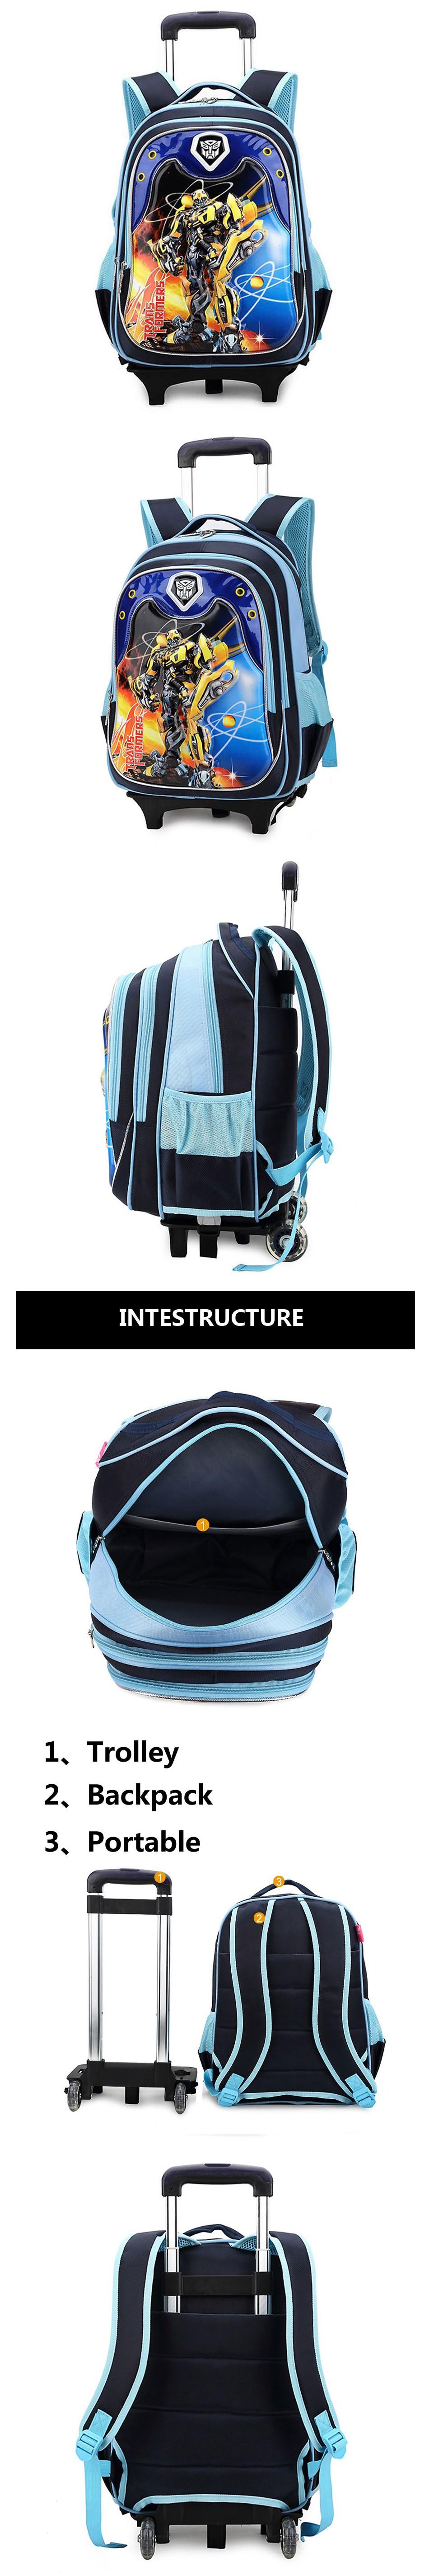 kid cartoon boys trolley school bag classic travel luggage